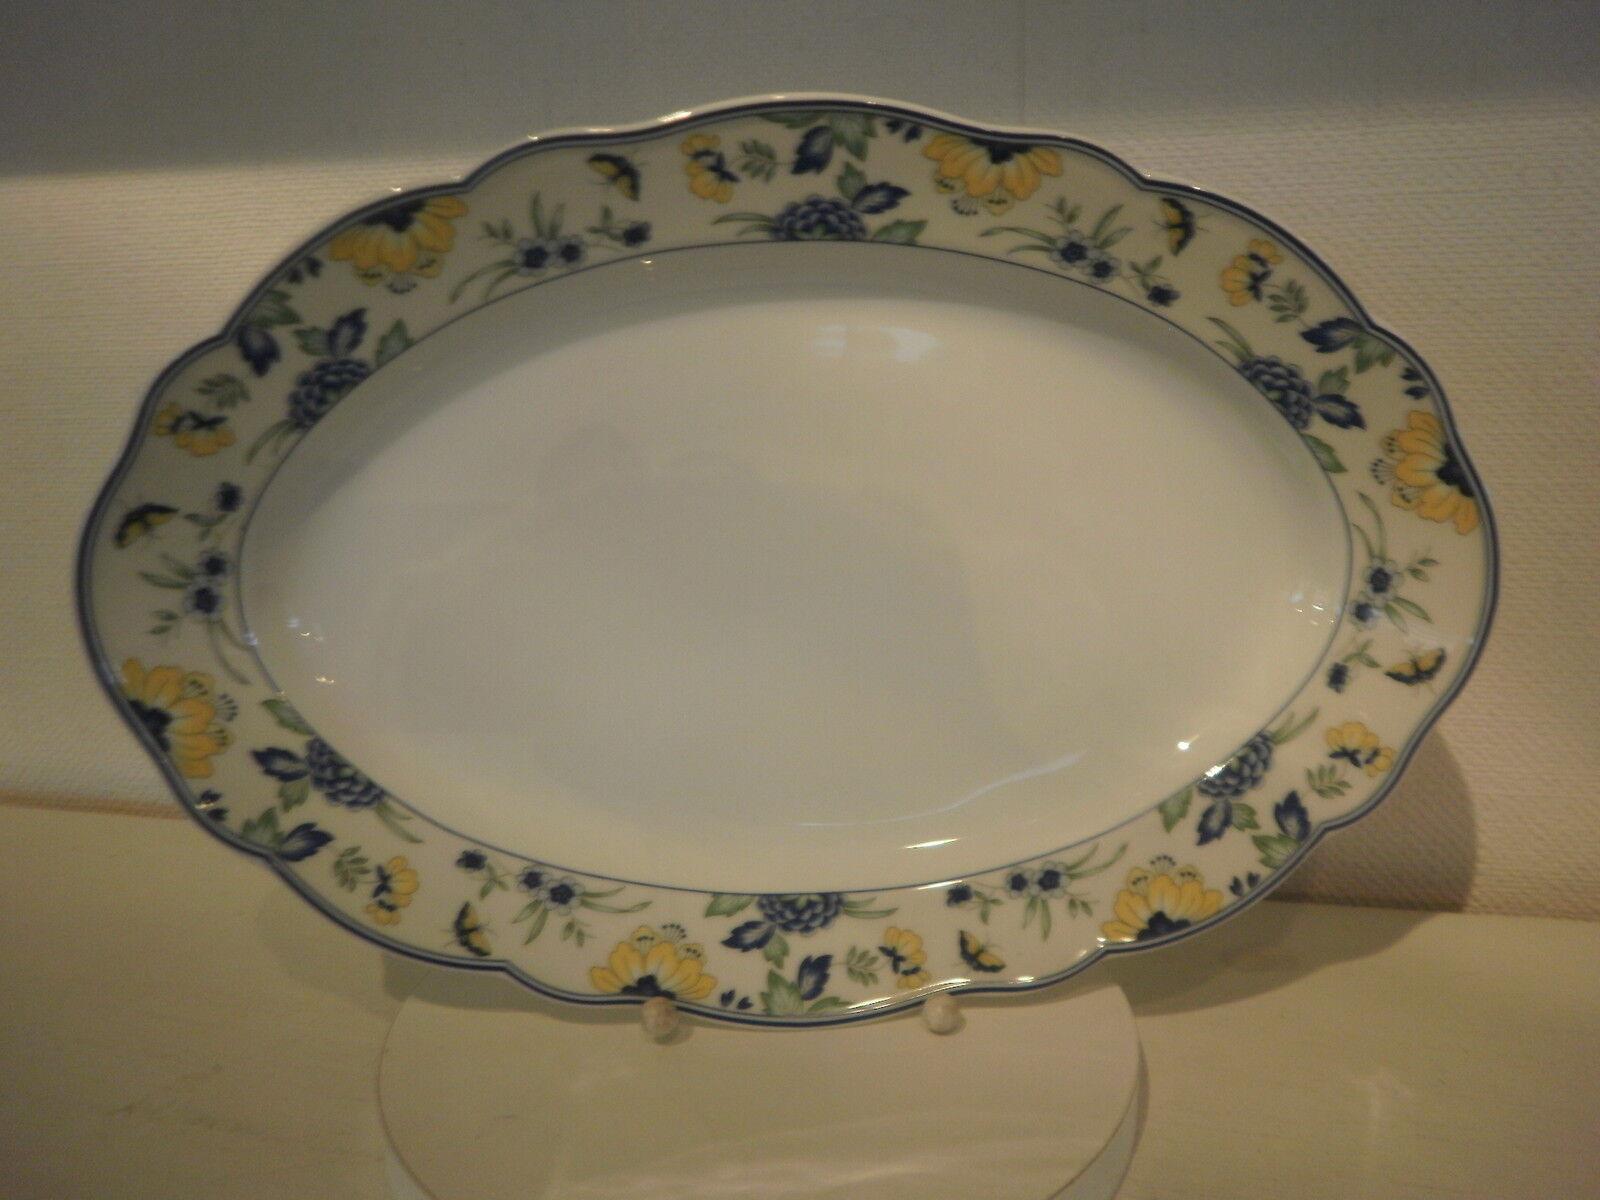 Platte  35 cm  oval oval oval 12735 Medley  Papillon  Hutschenreuther NEU 87a6a0